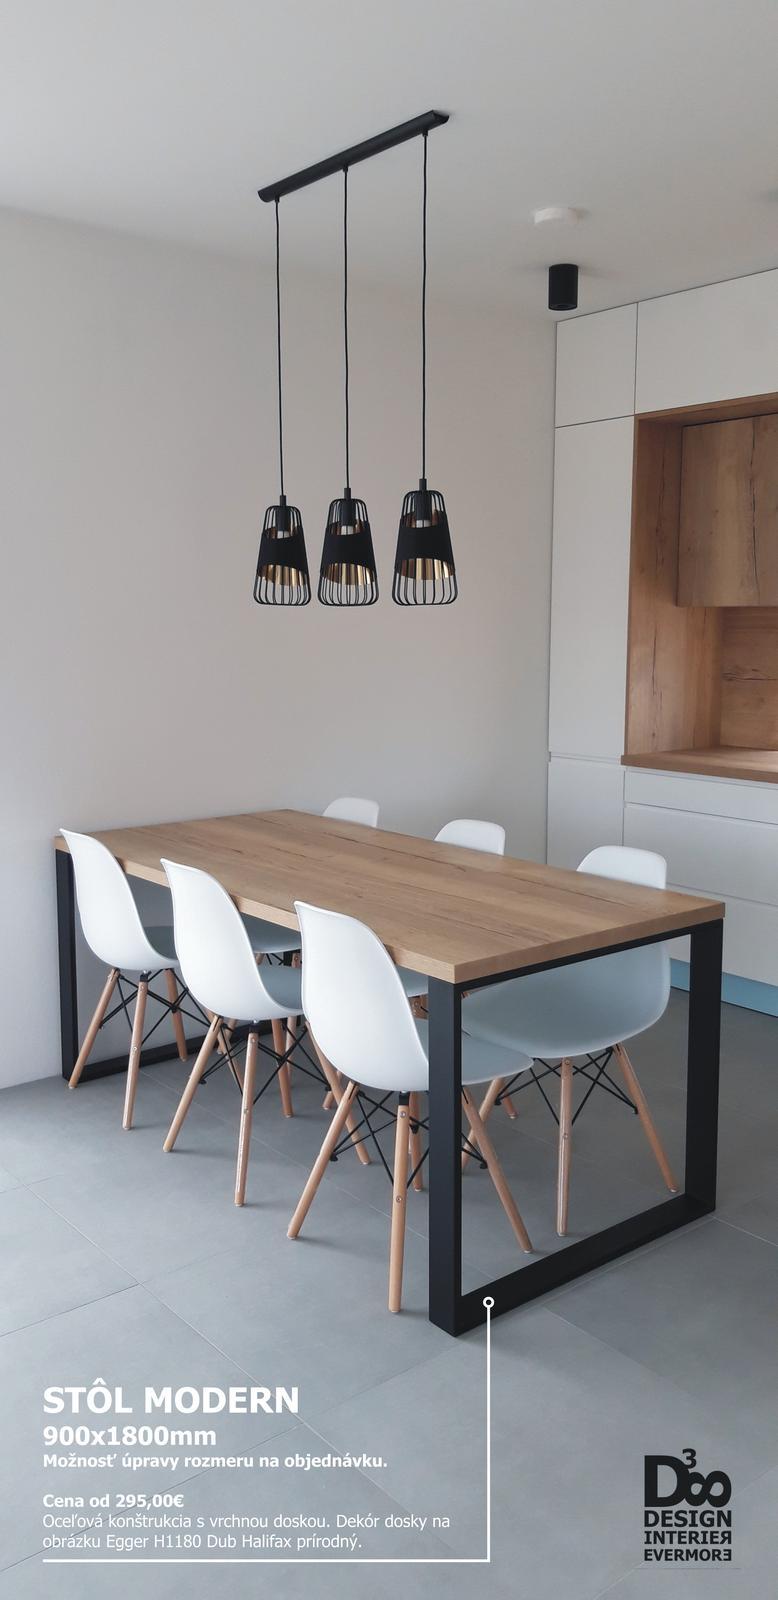 Stôl na mieru - vlastná výroba  - Obrázok č. 1